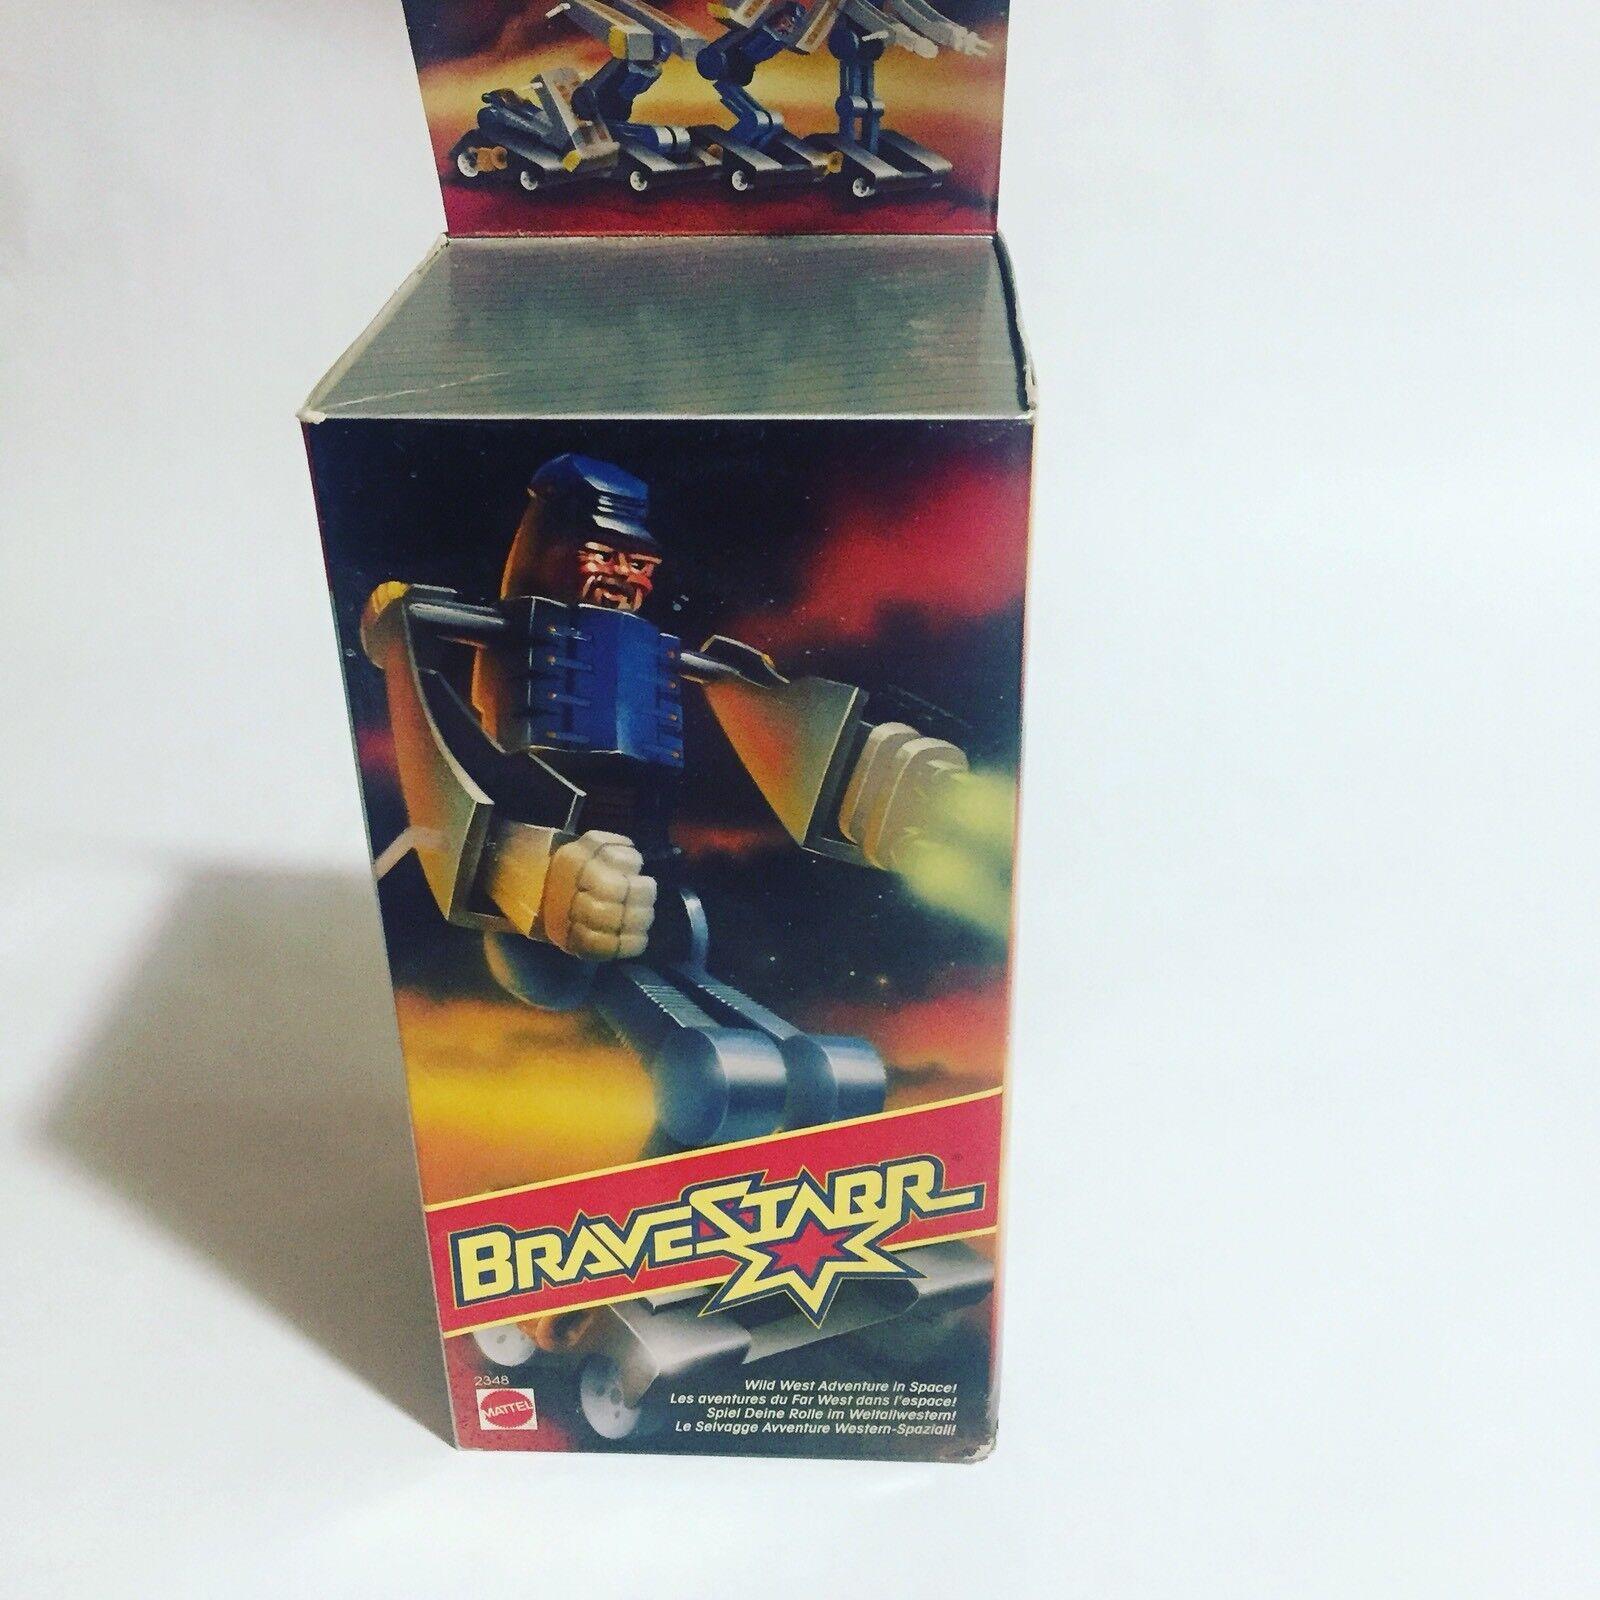 Bravestarr  Colborbot Oberst Borbot Mattel Action Figure  bienvenue à l'ordre